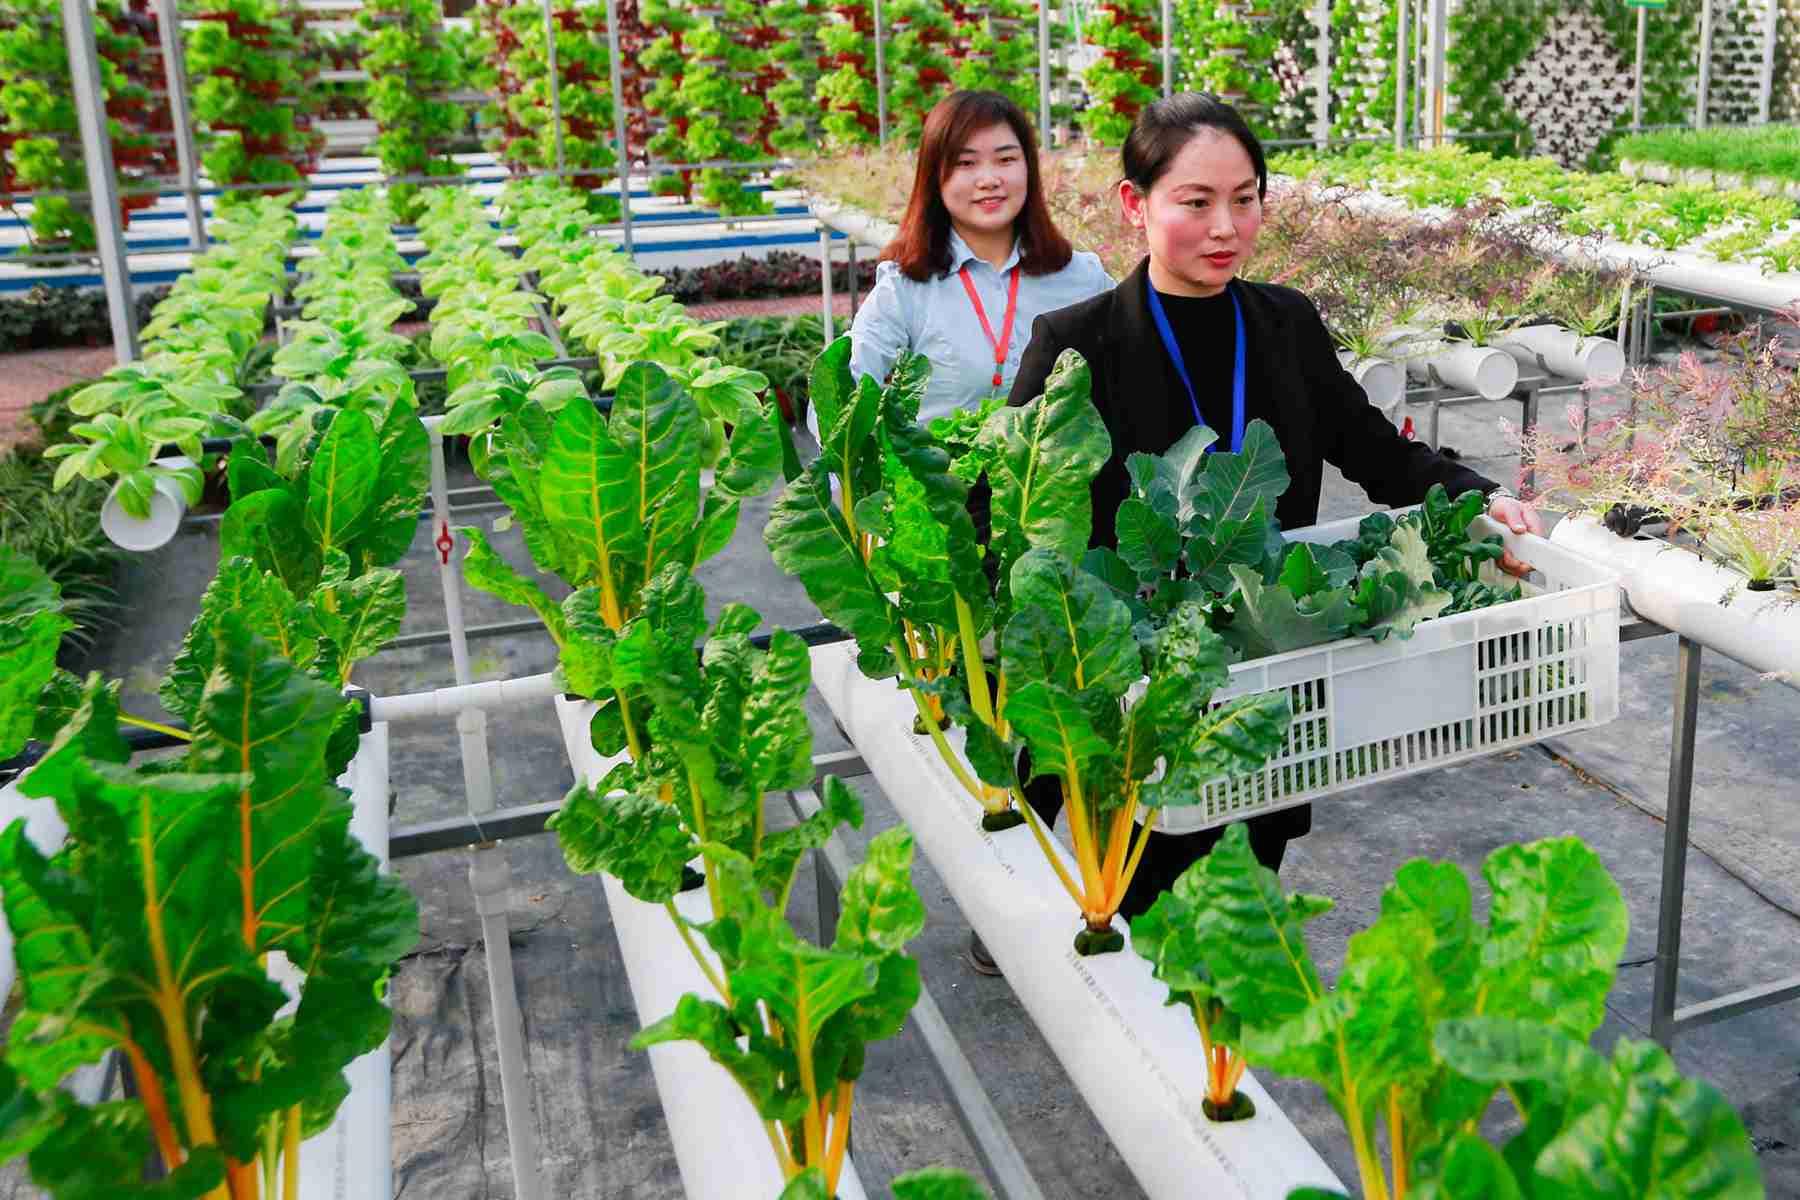 農業農村部:近期蔬菜價格上漲屬于正常的季節性波動 壽光蔬菜受災對全國蔬菜市場供給影響有限